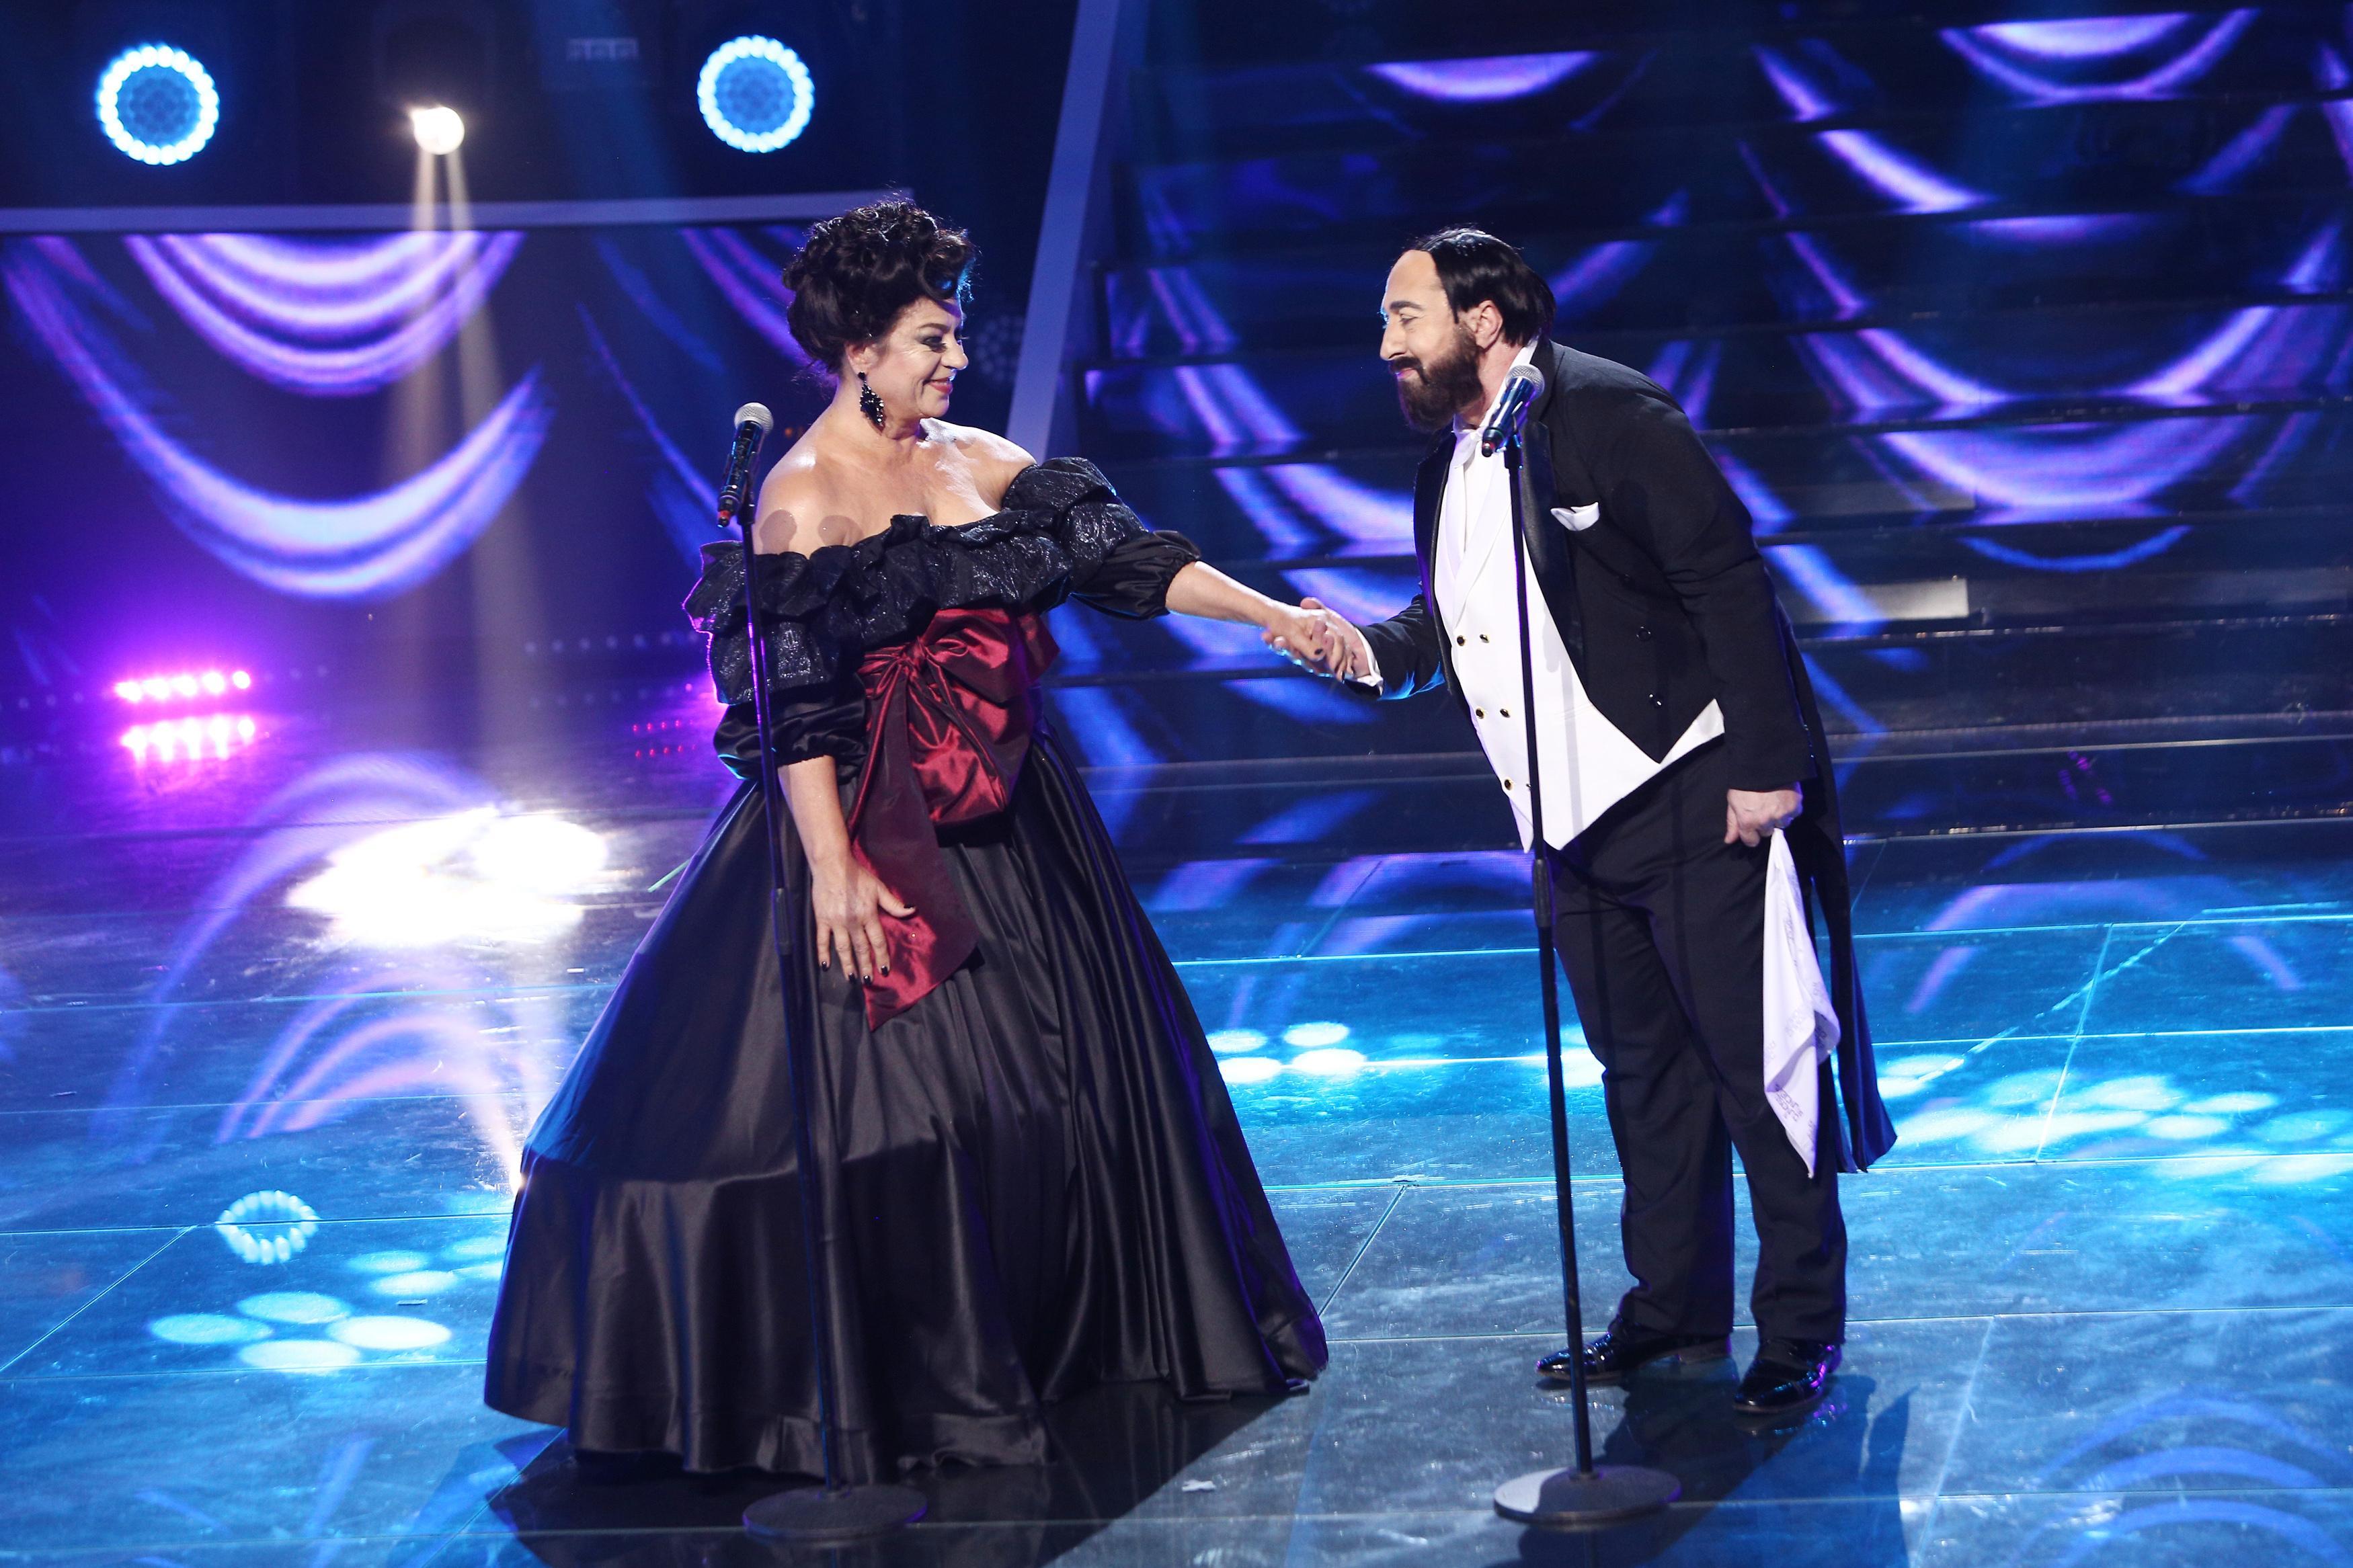 Te cunosc de undeva, 1 mai 2021. Adriana Trandafir și Romică Țociu, fantastici ca Luciano Pavarotti și Leontina Văduva